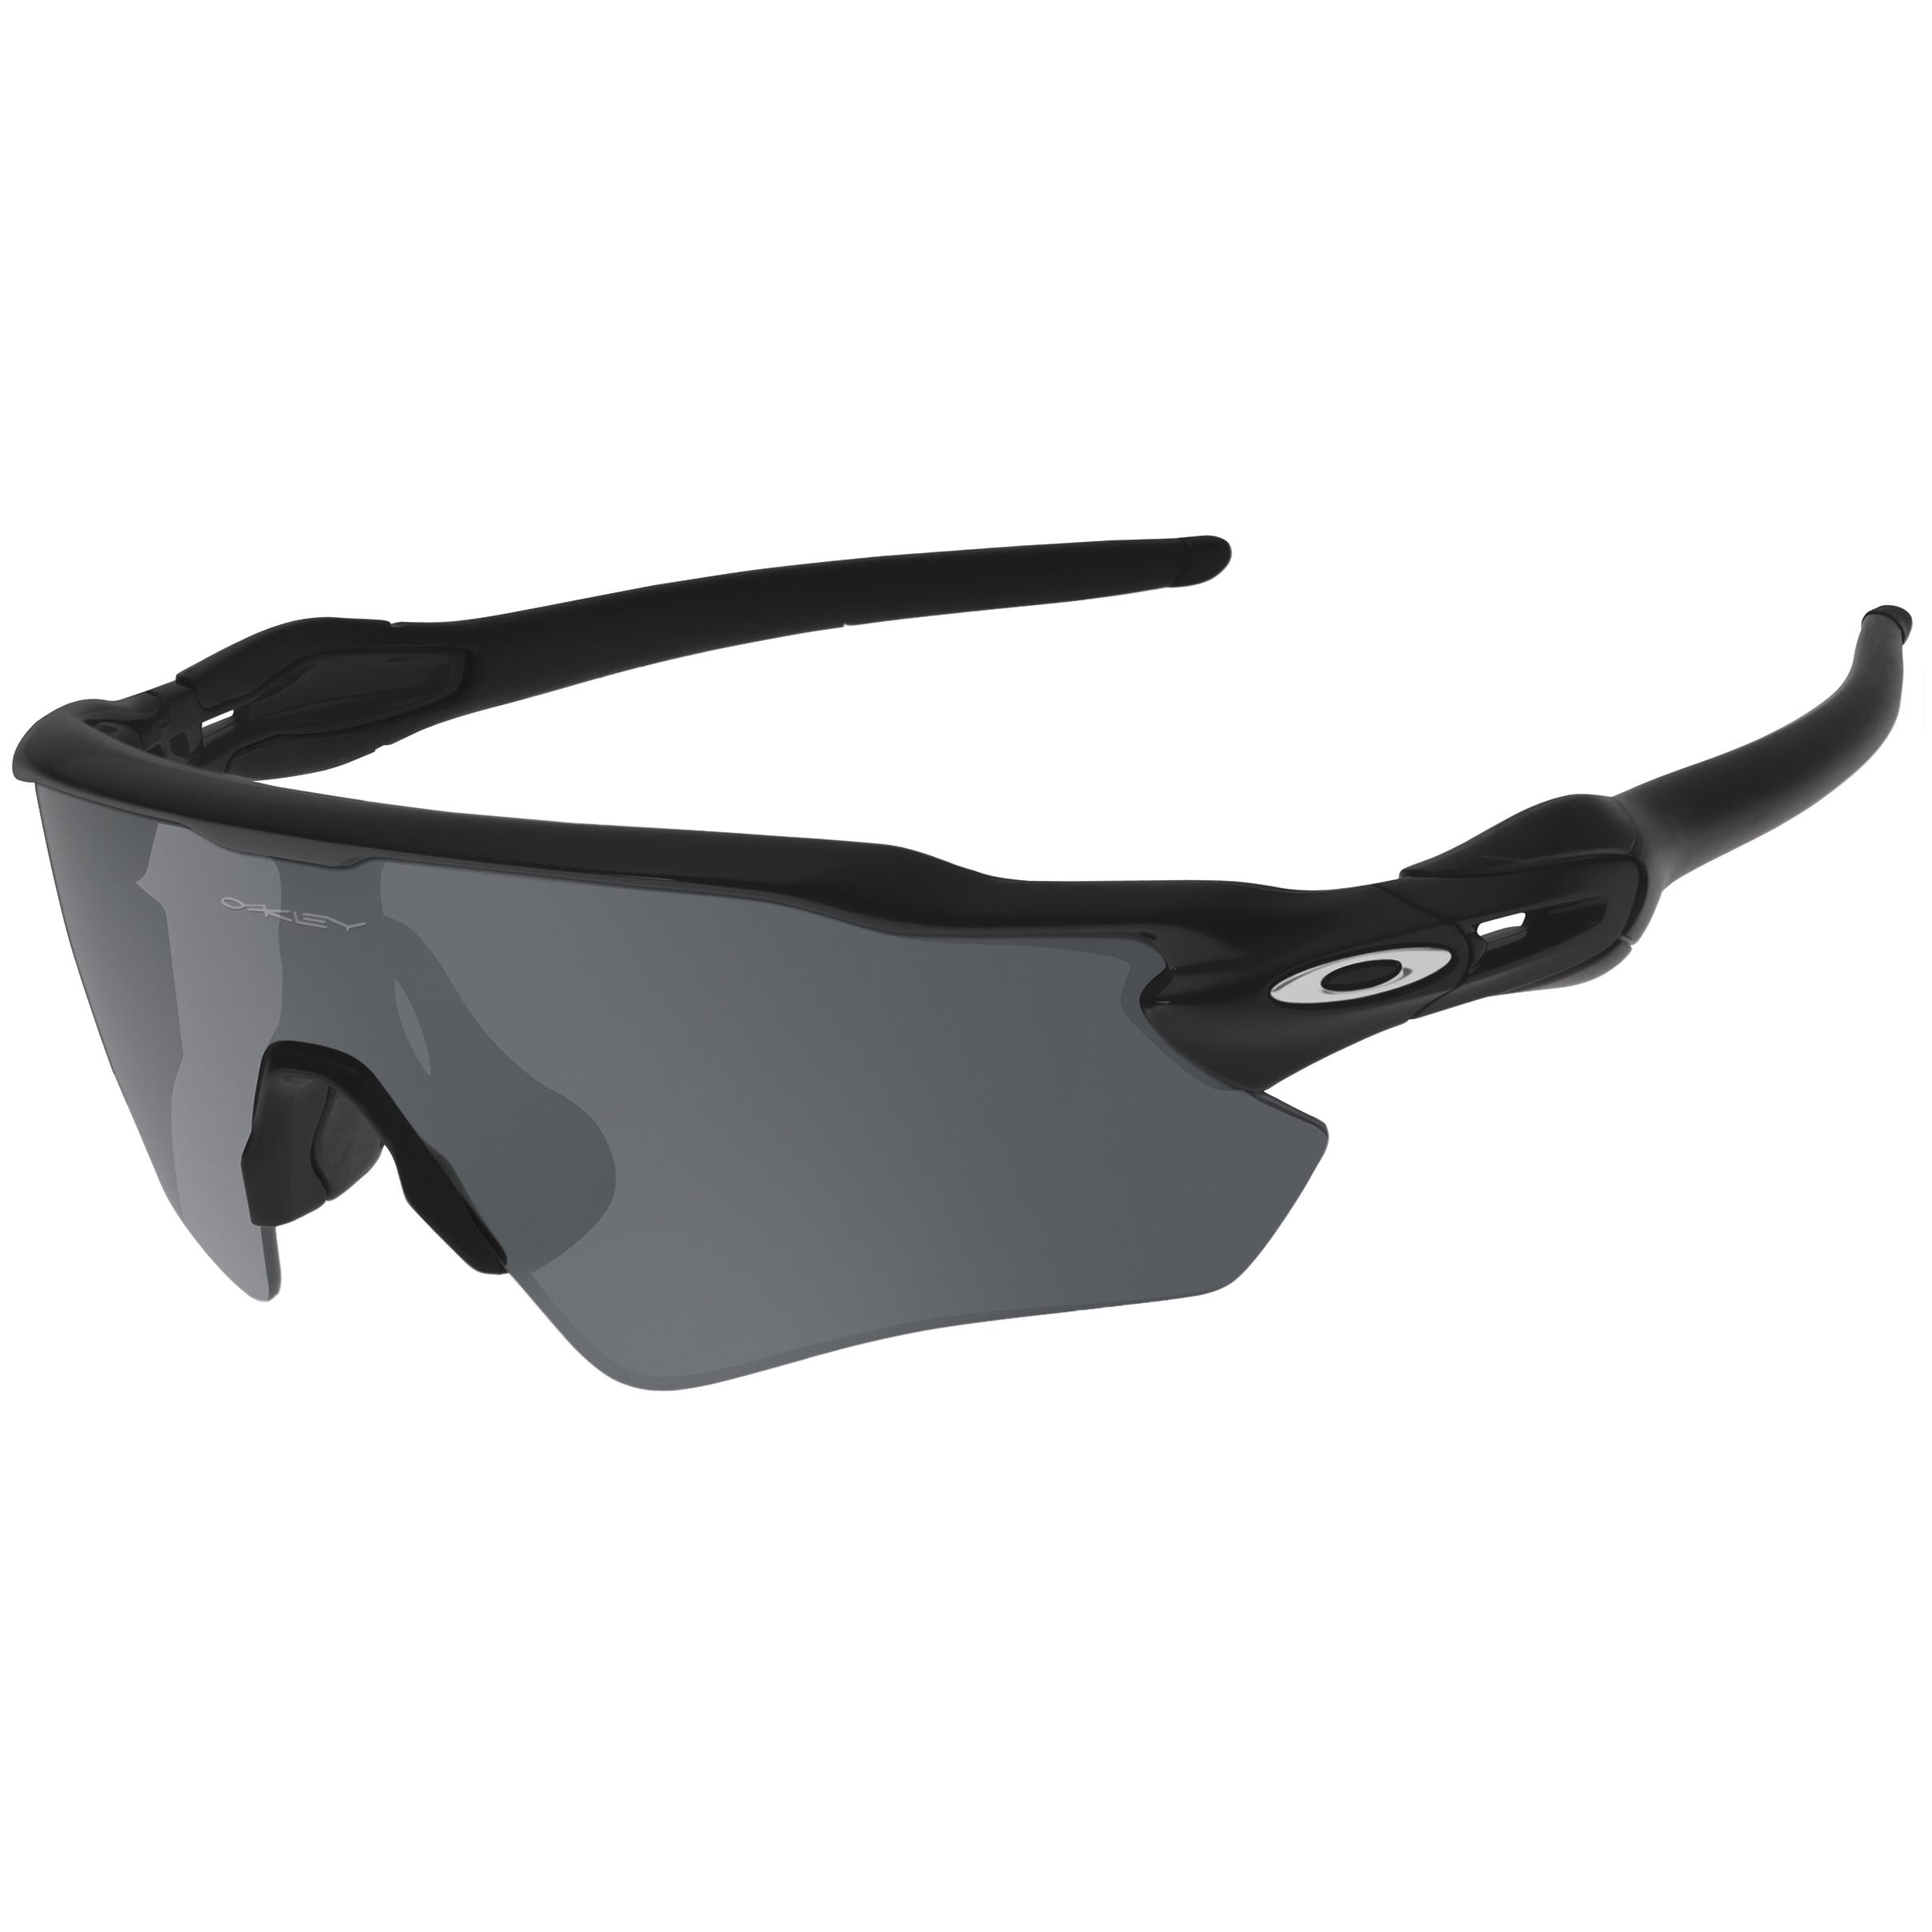 f84ef06765 Oakley Radar EV Path Sunglasses - Unisex